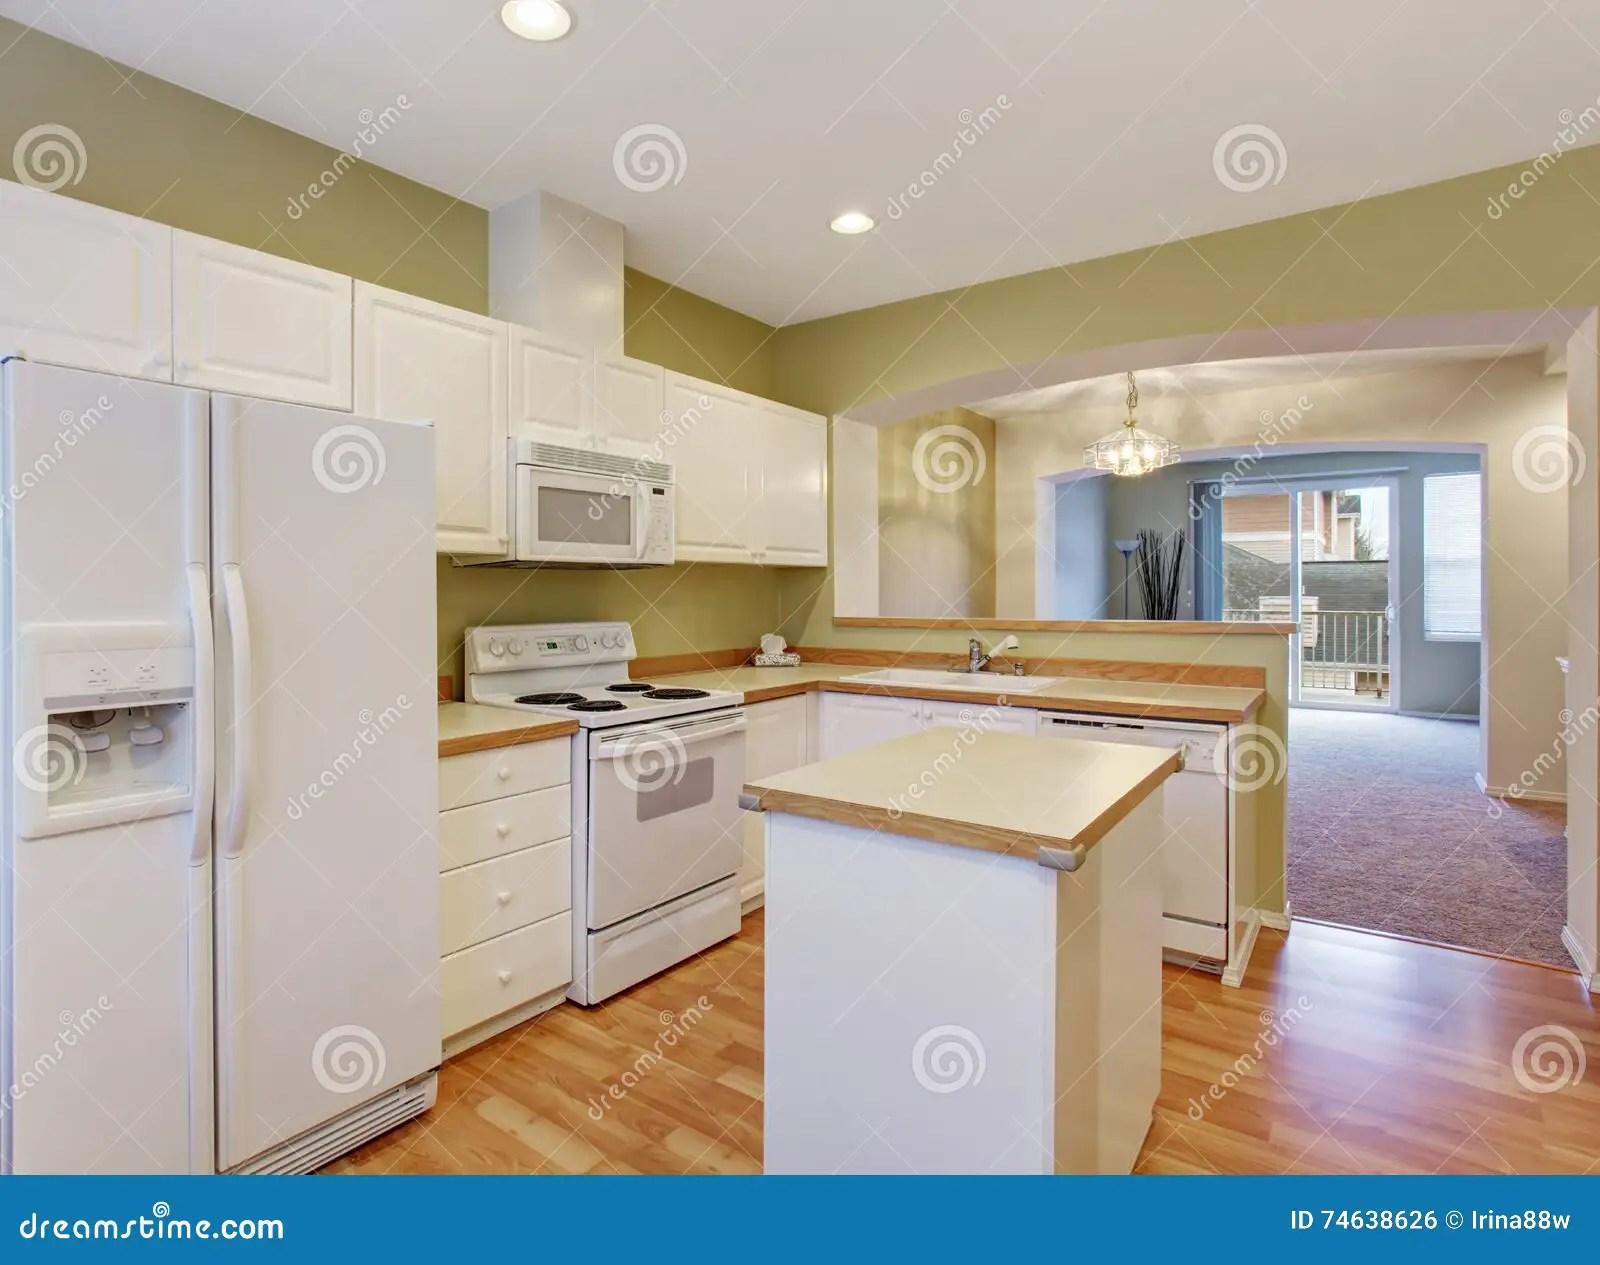 white kitchen cabinets country canister sets ceramic 有钢装置和海岛的白色厨柜 库存照片 图片包括有厨房 西北 不锈 有钢装置和海岛的 硬木地板白色厨柜